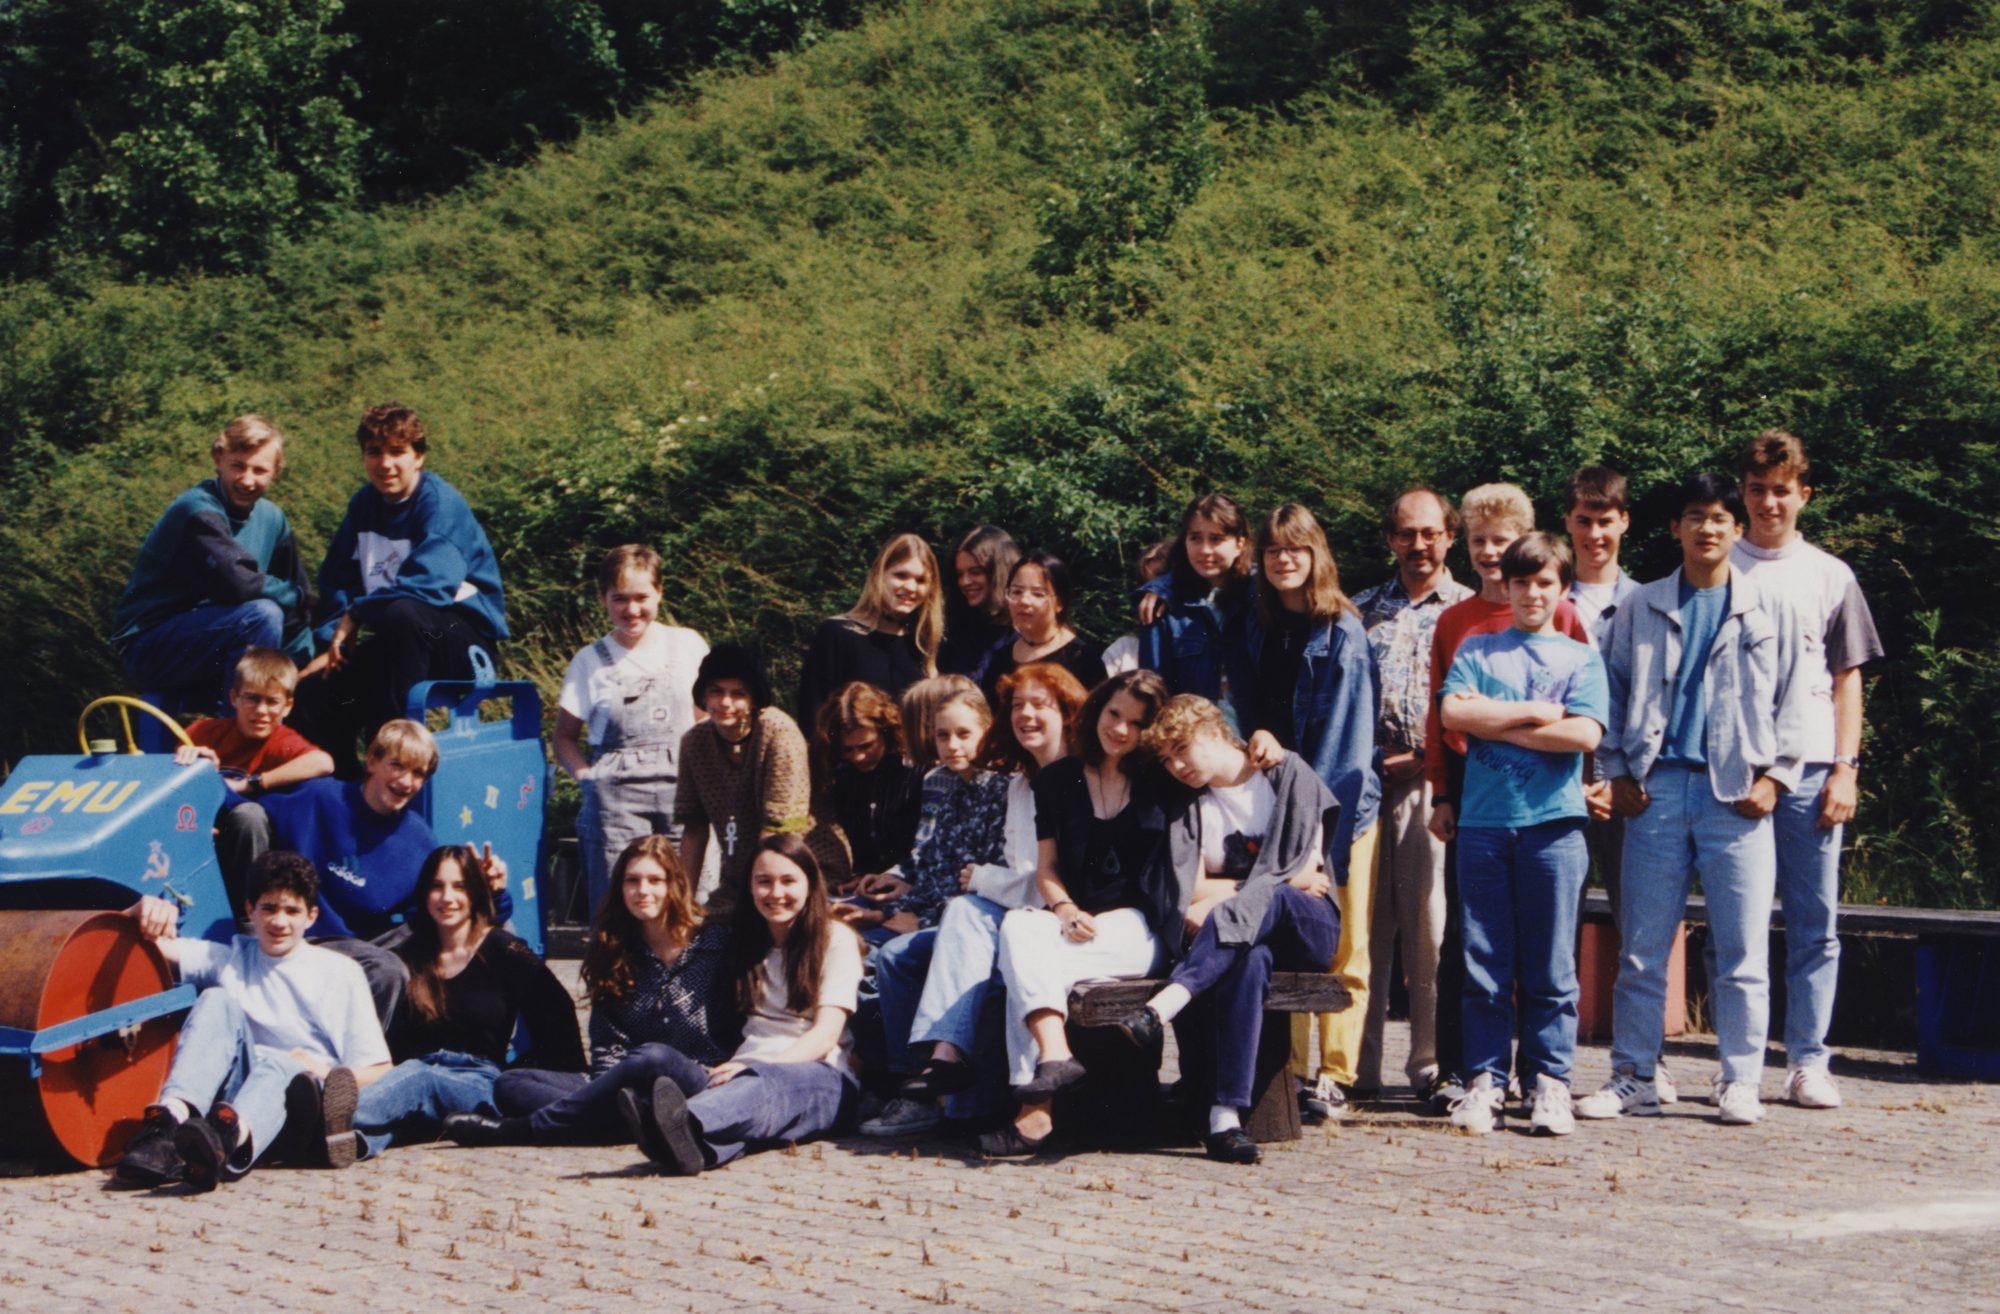 Wer sitzen bleibt lernt mehr Leute kennen! Meine zweite Gymnasialklasse in Künzelsau.